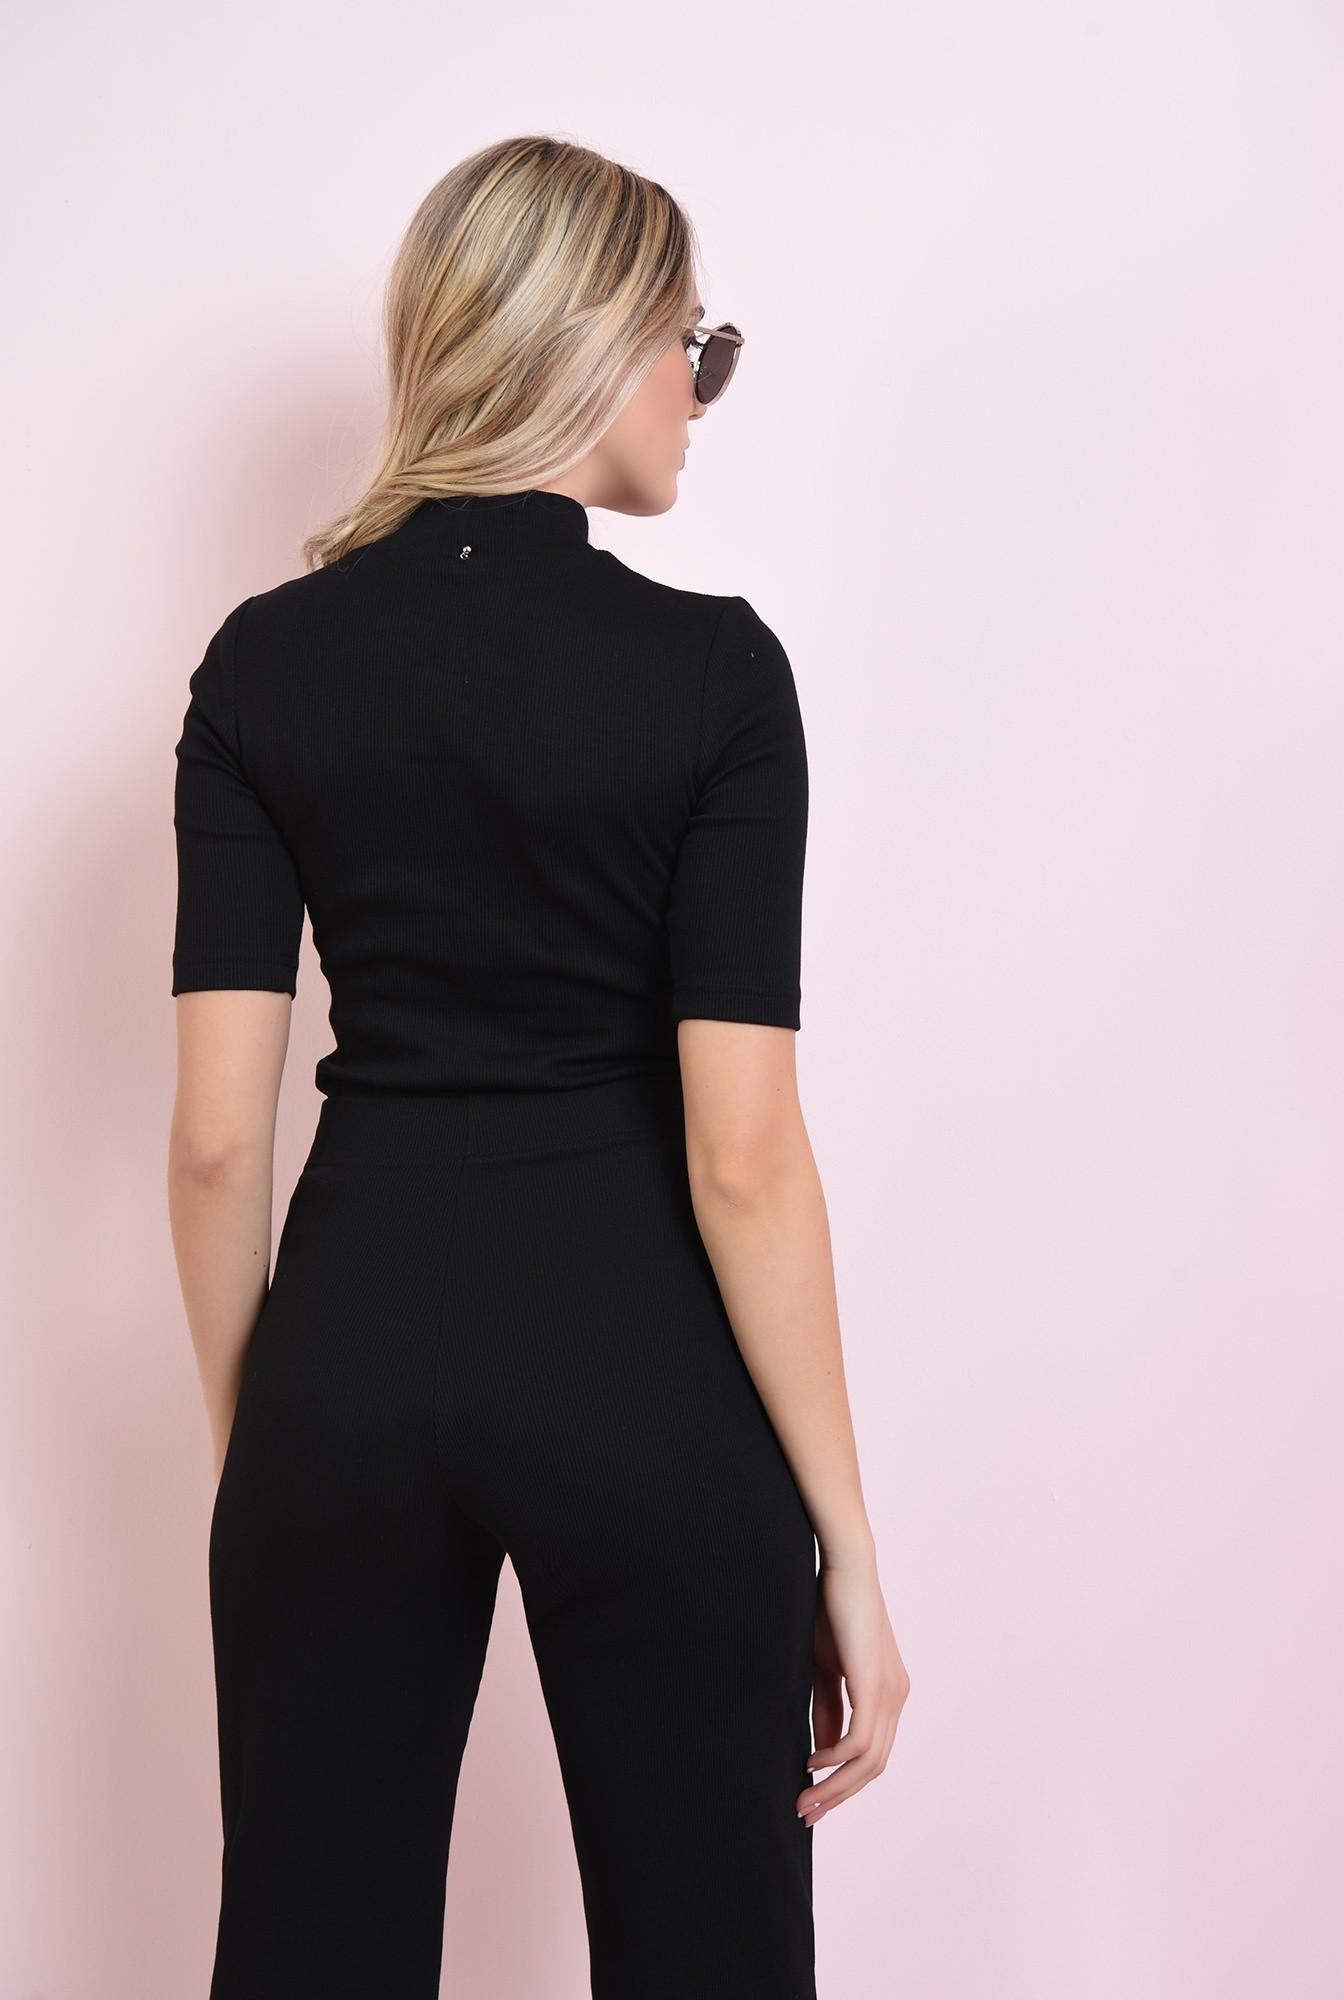 2 - bluza casual, neagra, cu guler, Poema